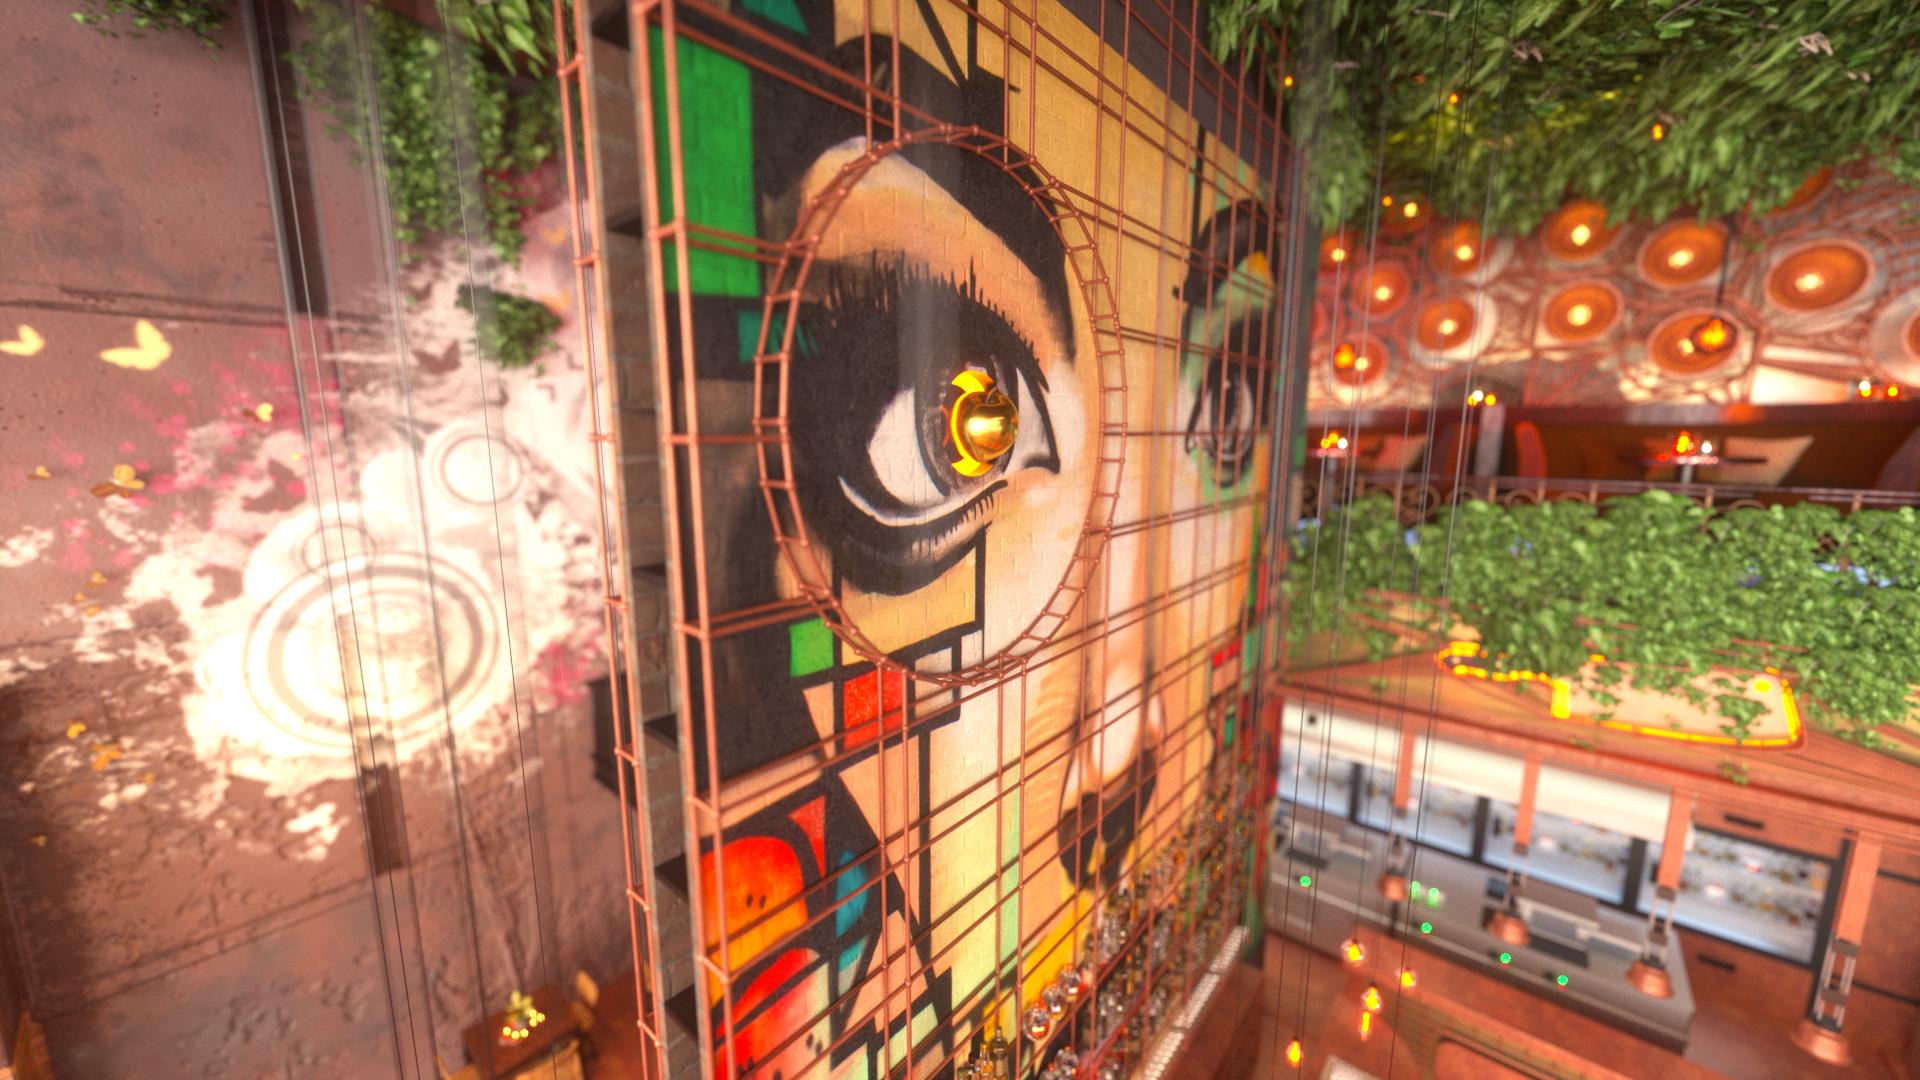 mitsi_studio_animatie_ndsm_grote zaal appel0035.jpg